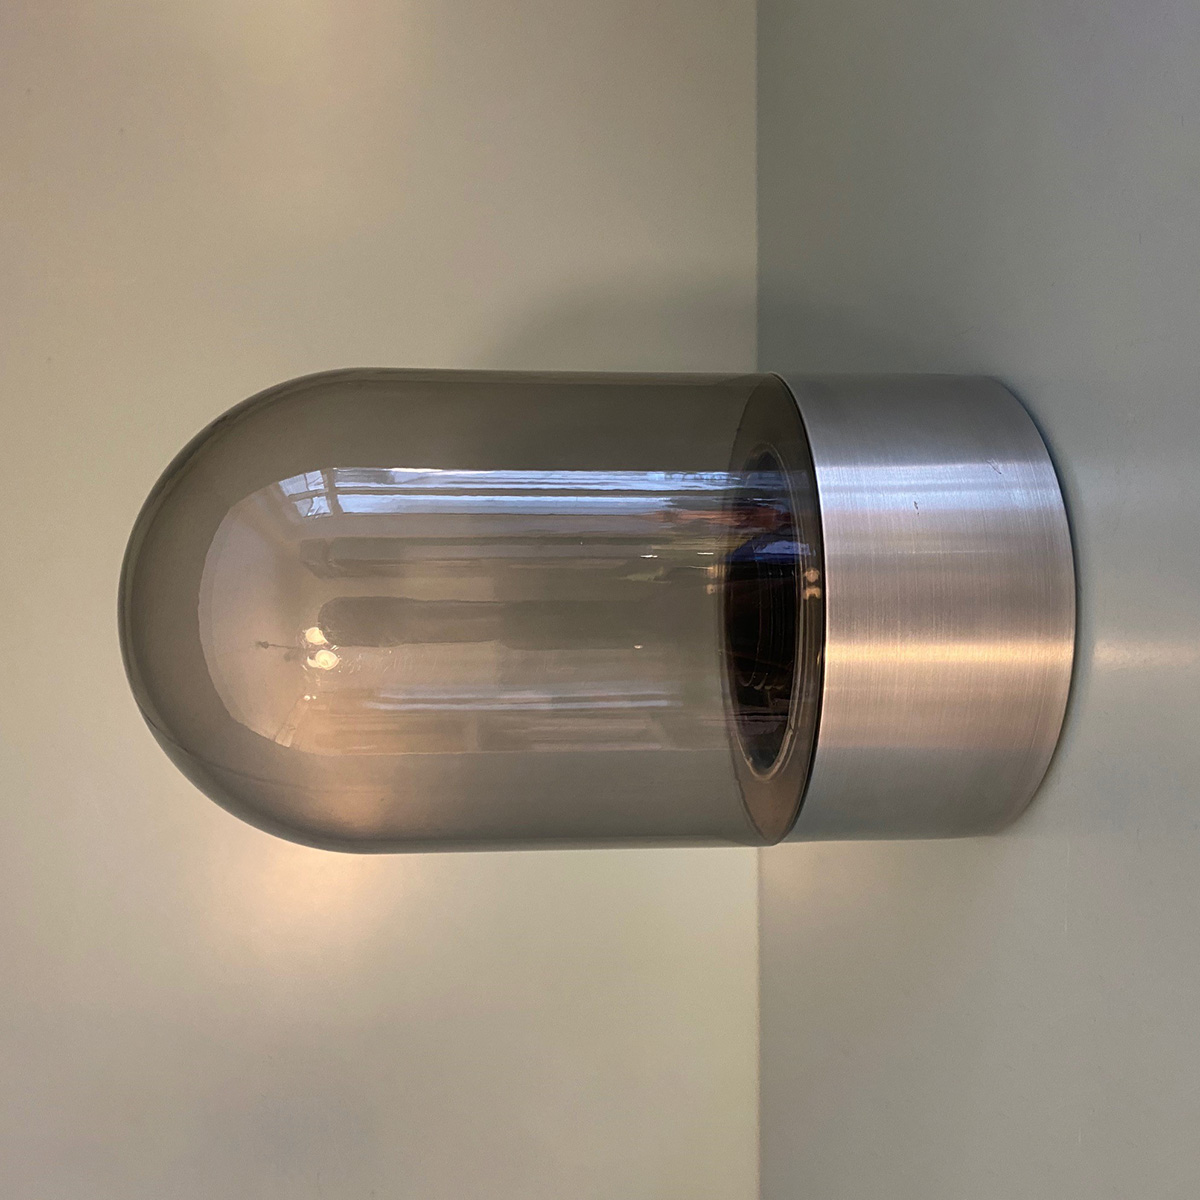 Vox Vegglampe Utstillingsmodell